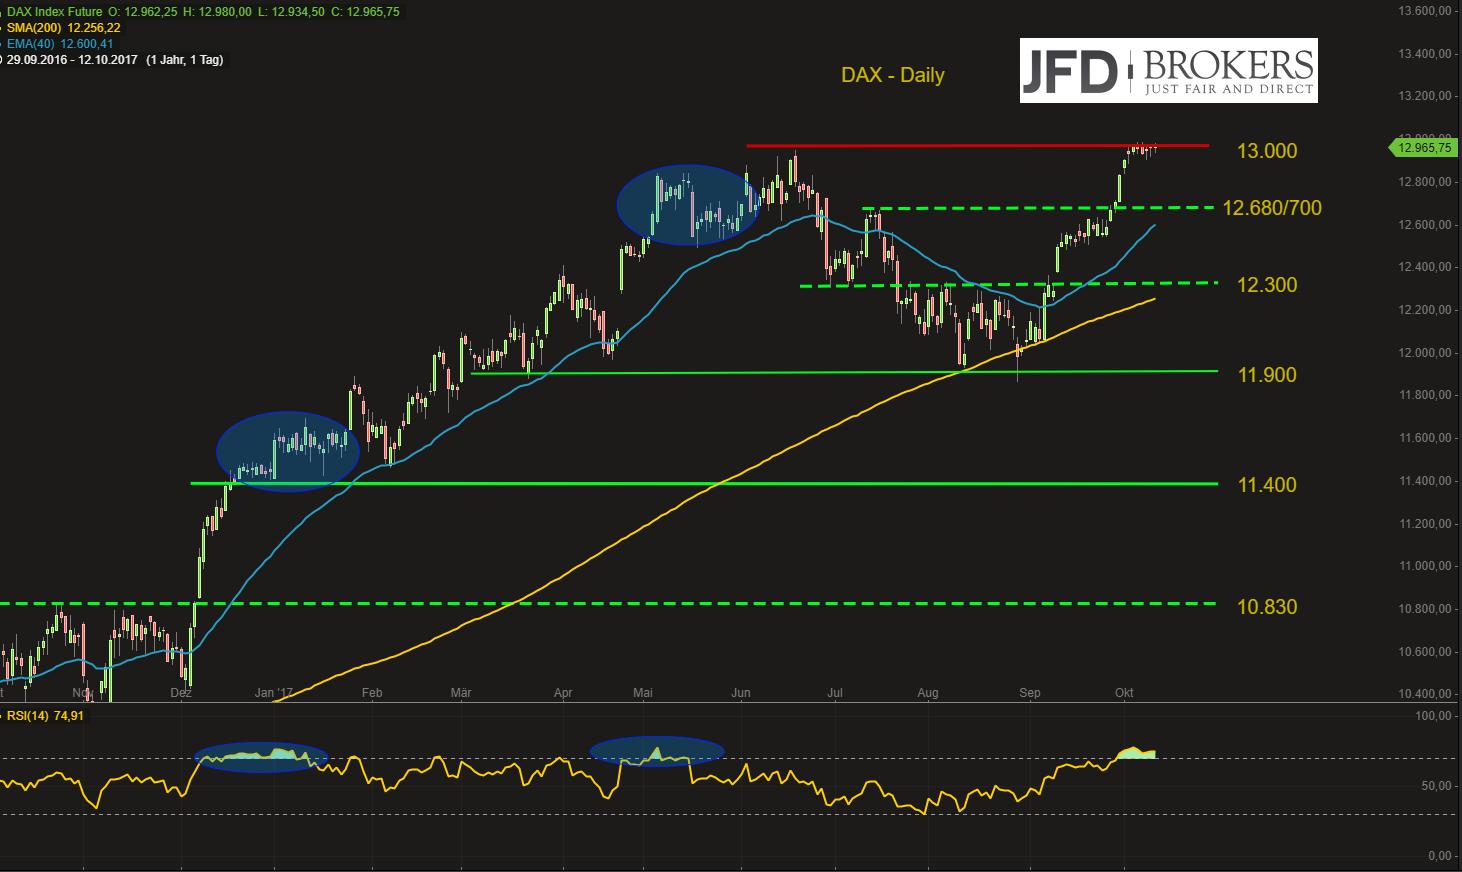 DAX-noch-ein-kleiner-Schritt-und-die-13-000-fällt-Kommentar-JFD-Brokers-GodmodeTrader.de-2